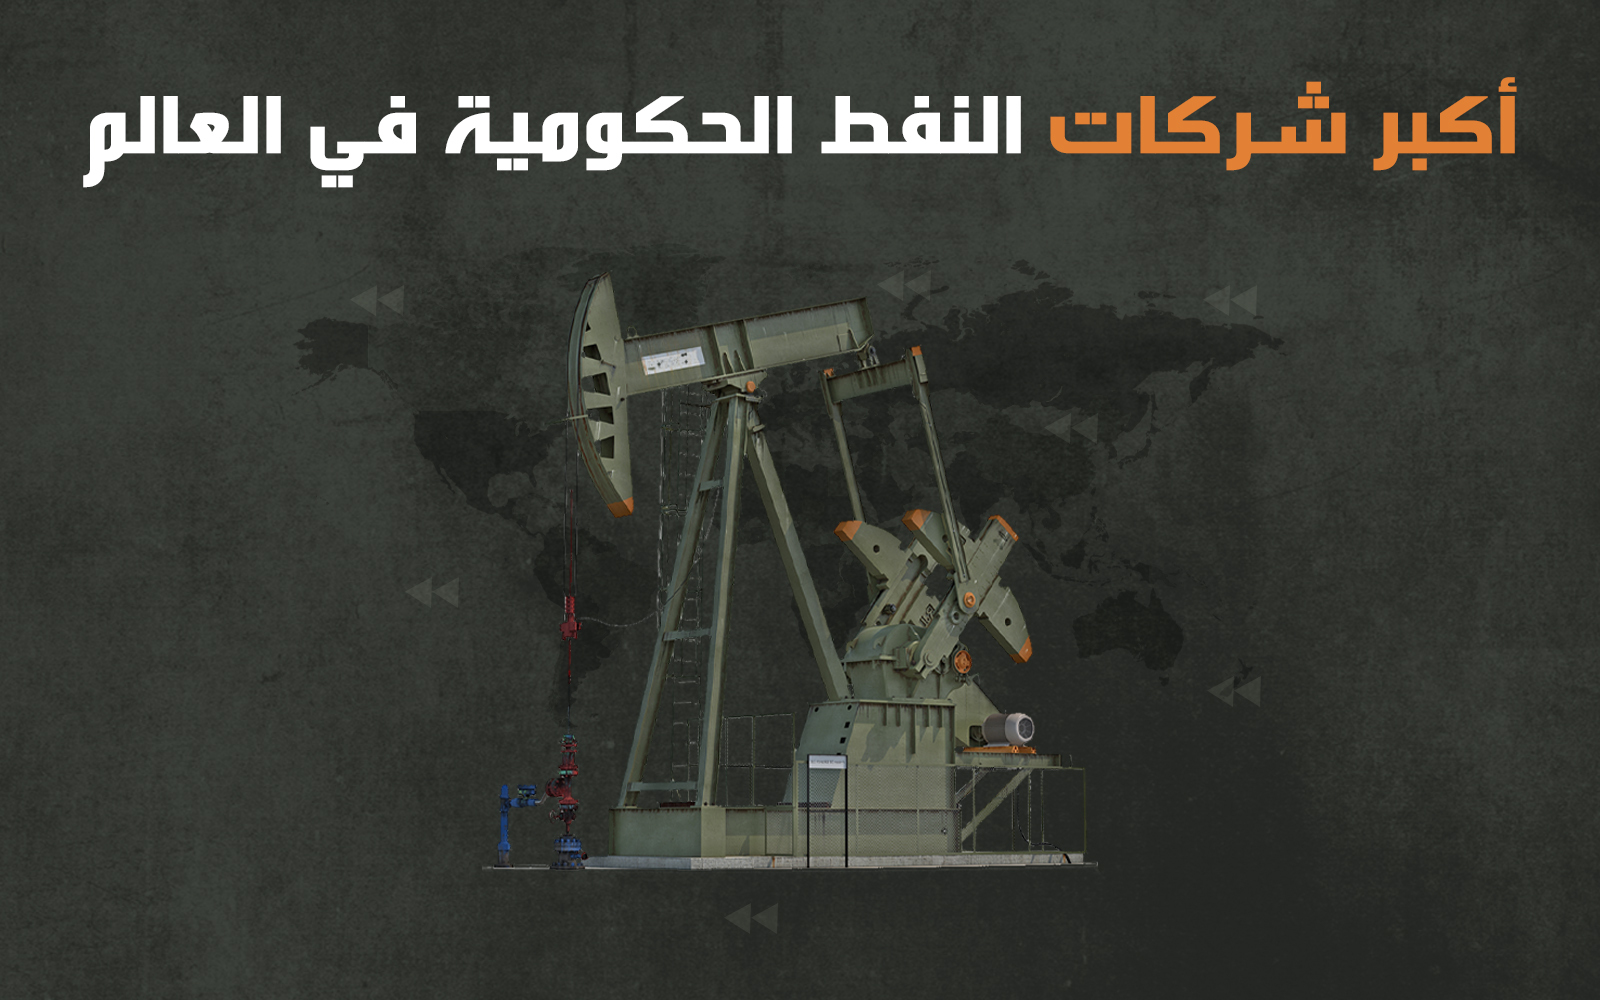 شركات النفط الحكومية في العالم d